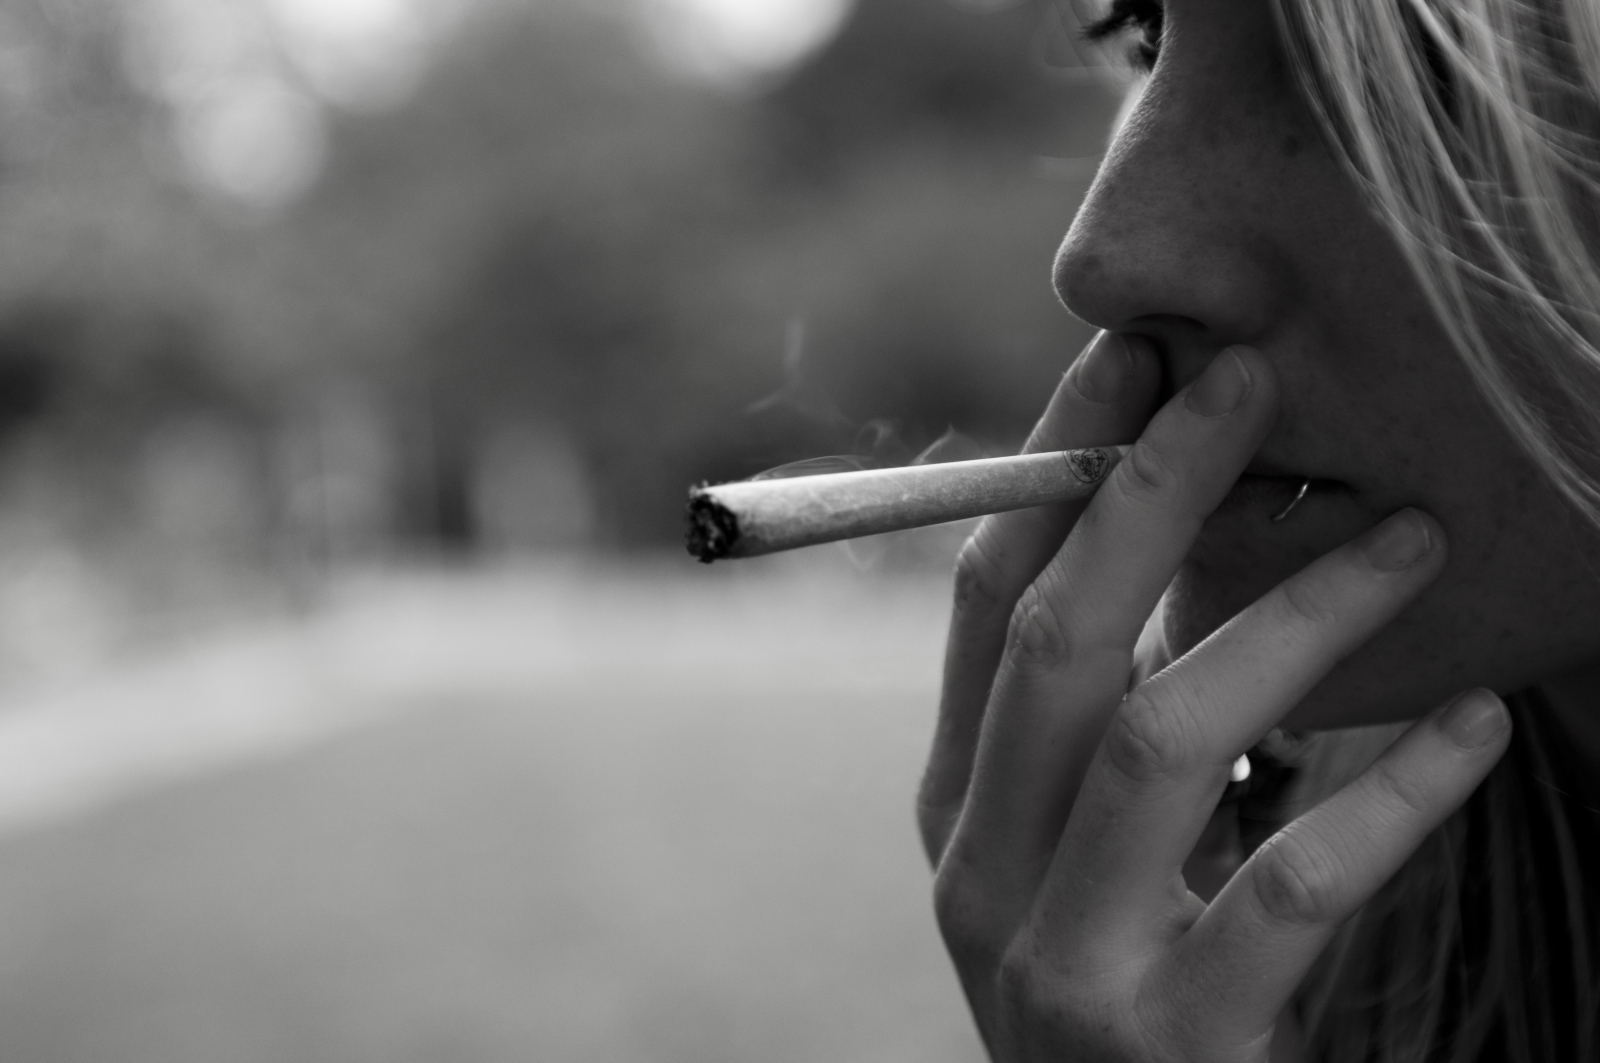 Does cannabis cause schizophrenia?